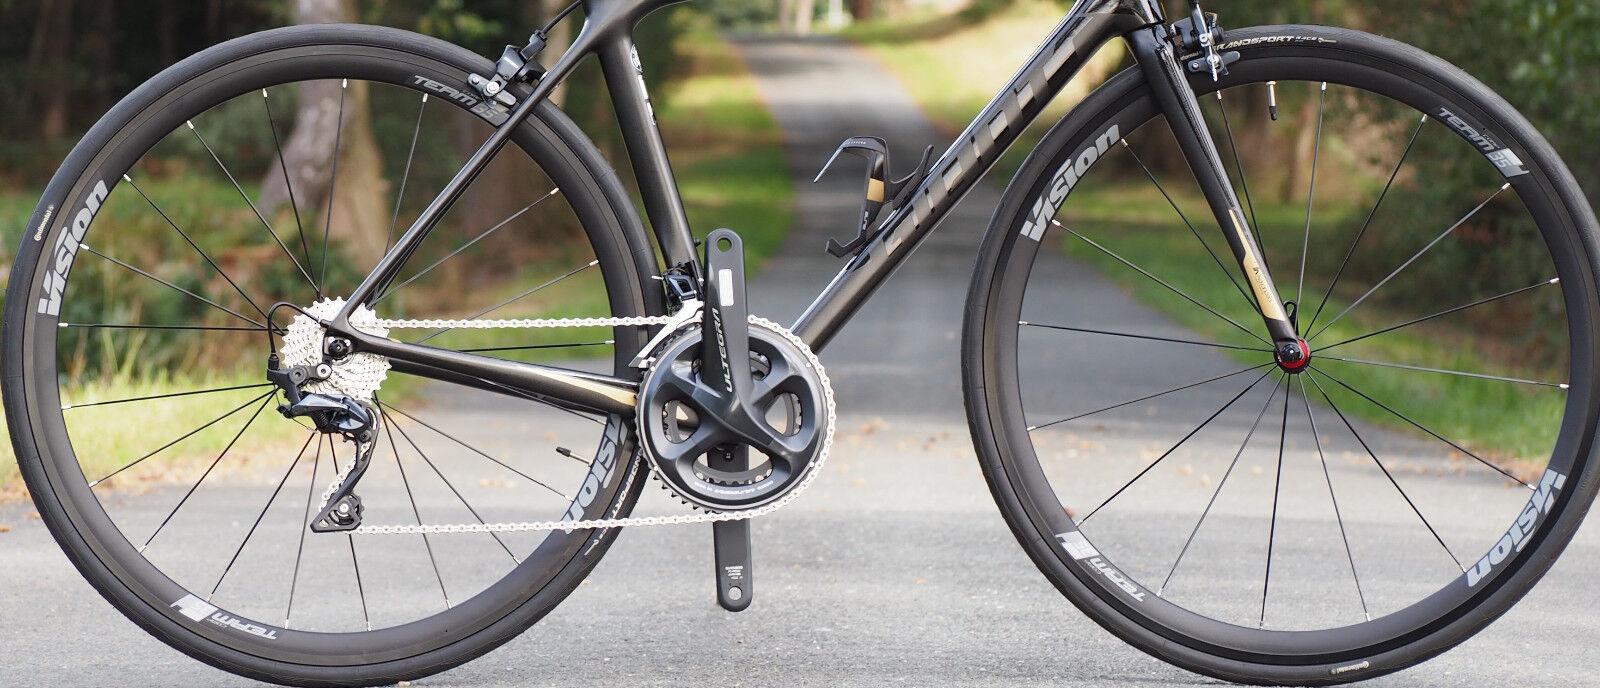 Vision  Team 35 Wheelset, Road Bike, Roadbike, Wheelset  2018 store